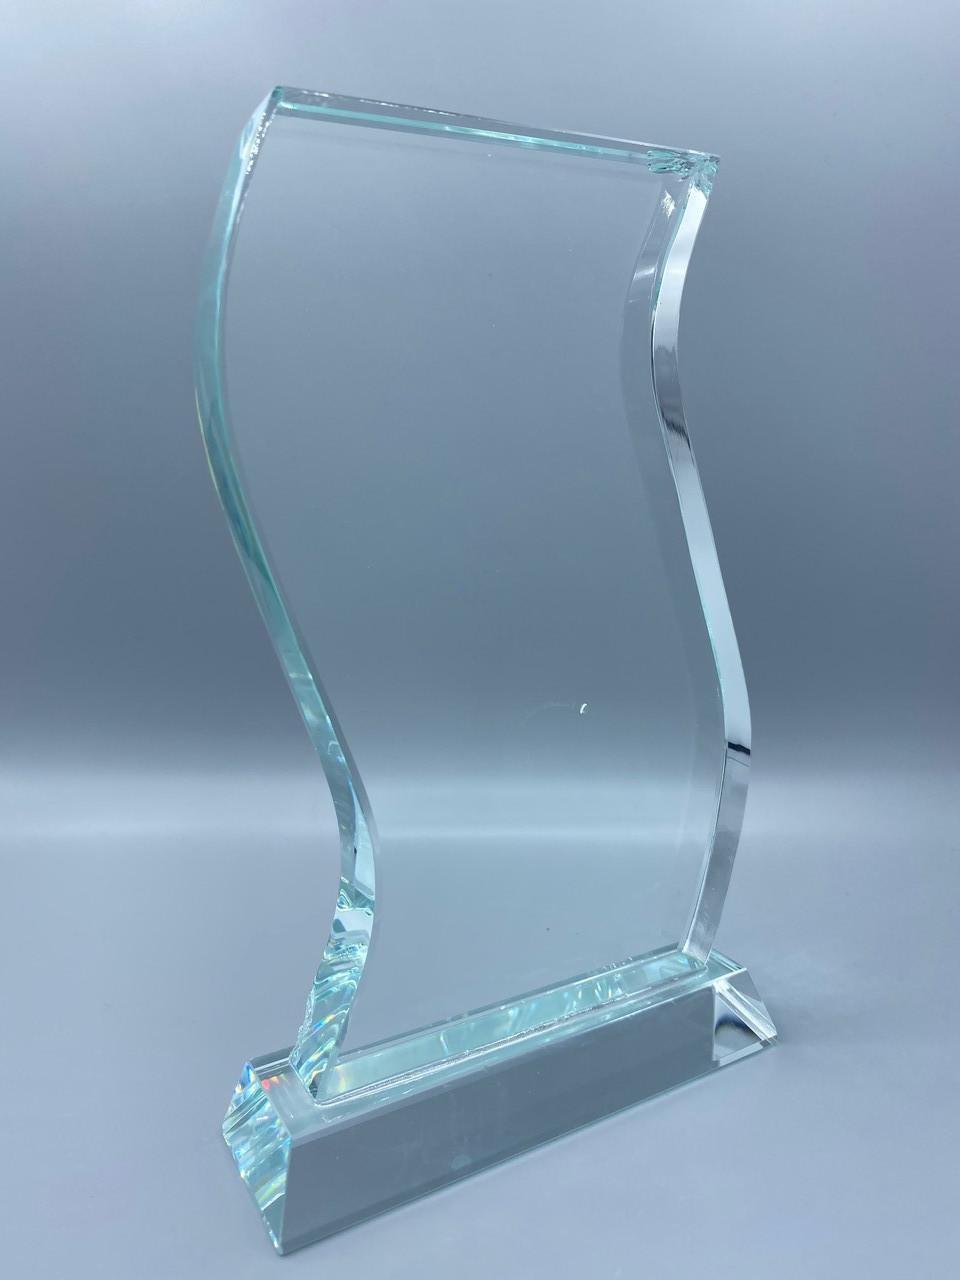 Награда стеклянная, размер - 178х96x18мм